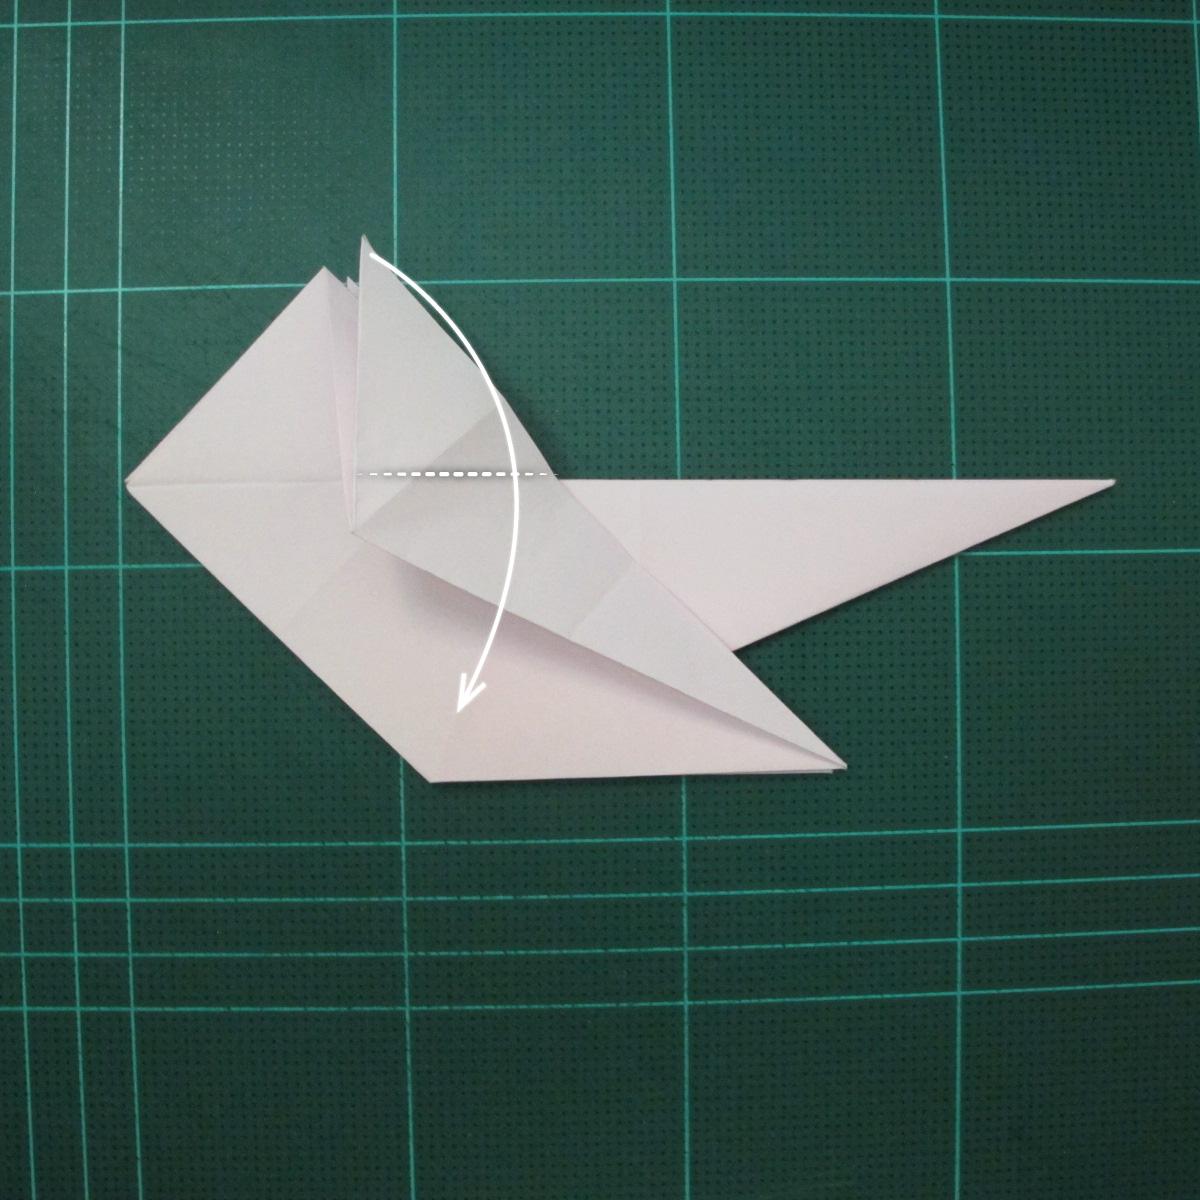 การพับกระดาษเป็นไดโนเสาร์ทีเร็กซ์ (Origami Tyrannosaurus Rex) 018